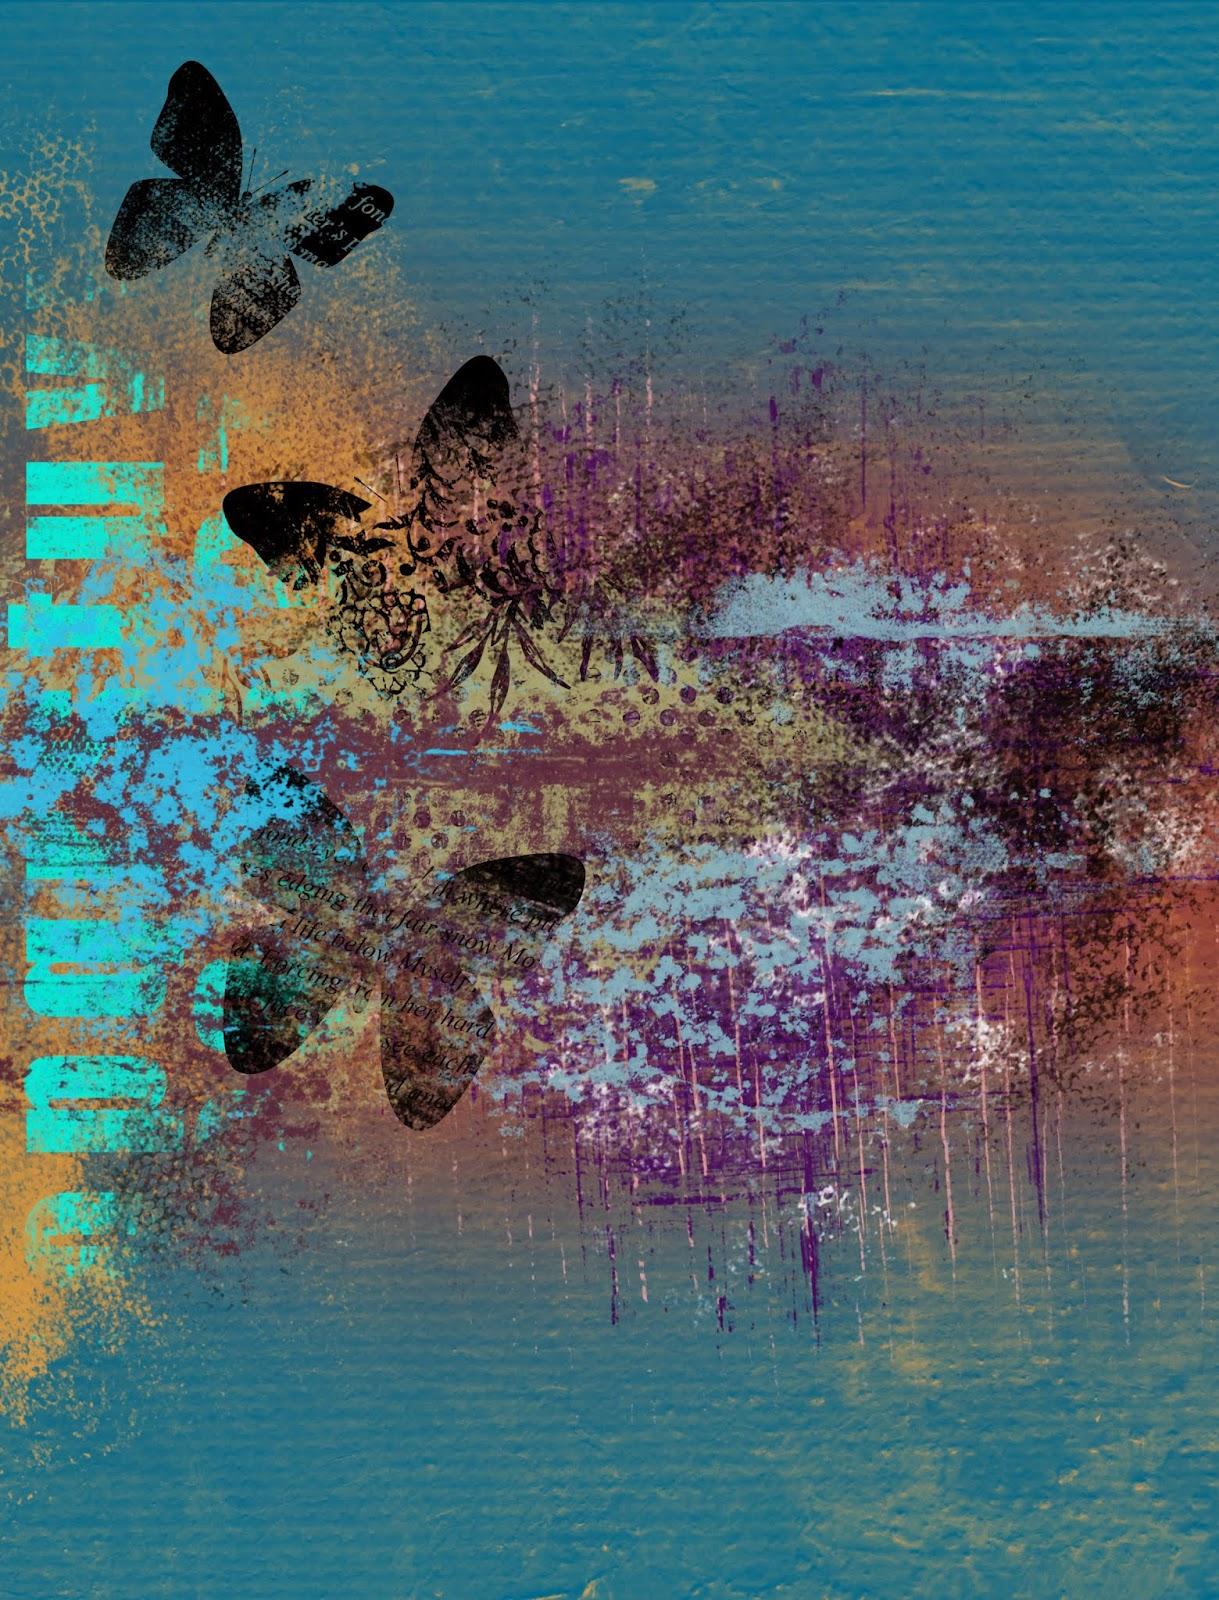 http://1.bp.blogspot.com/-uFqGp6l7ZUA/VMBqNhK8cZI/AAAAAAAAJHU/2rbPrCfxdOA/s1600/pld_bttrfly_kiss_papr.jpg